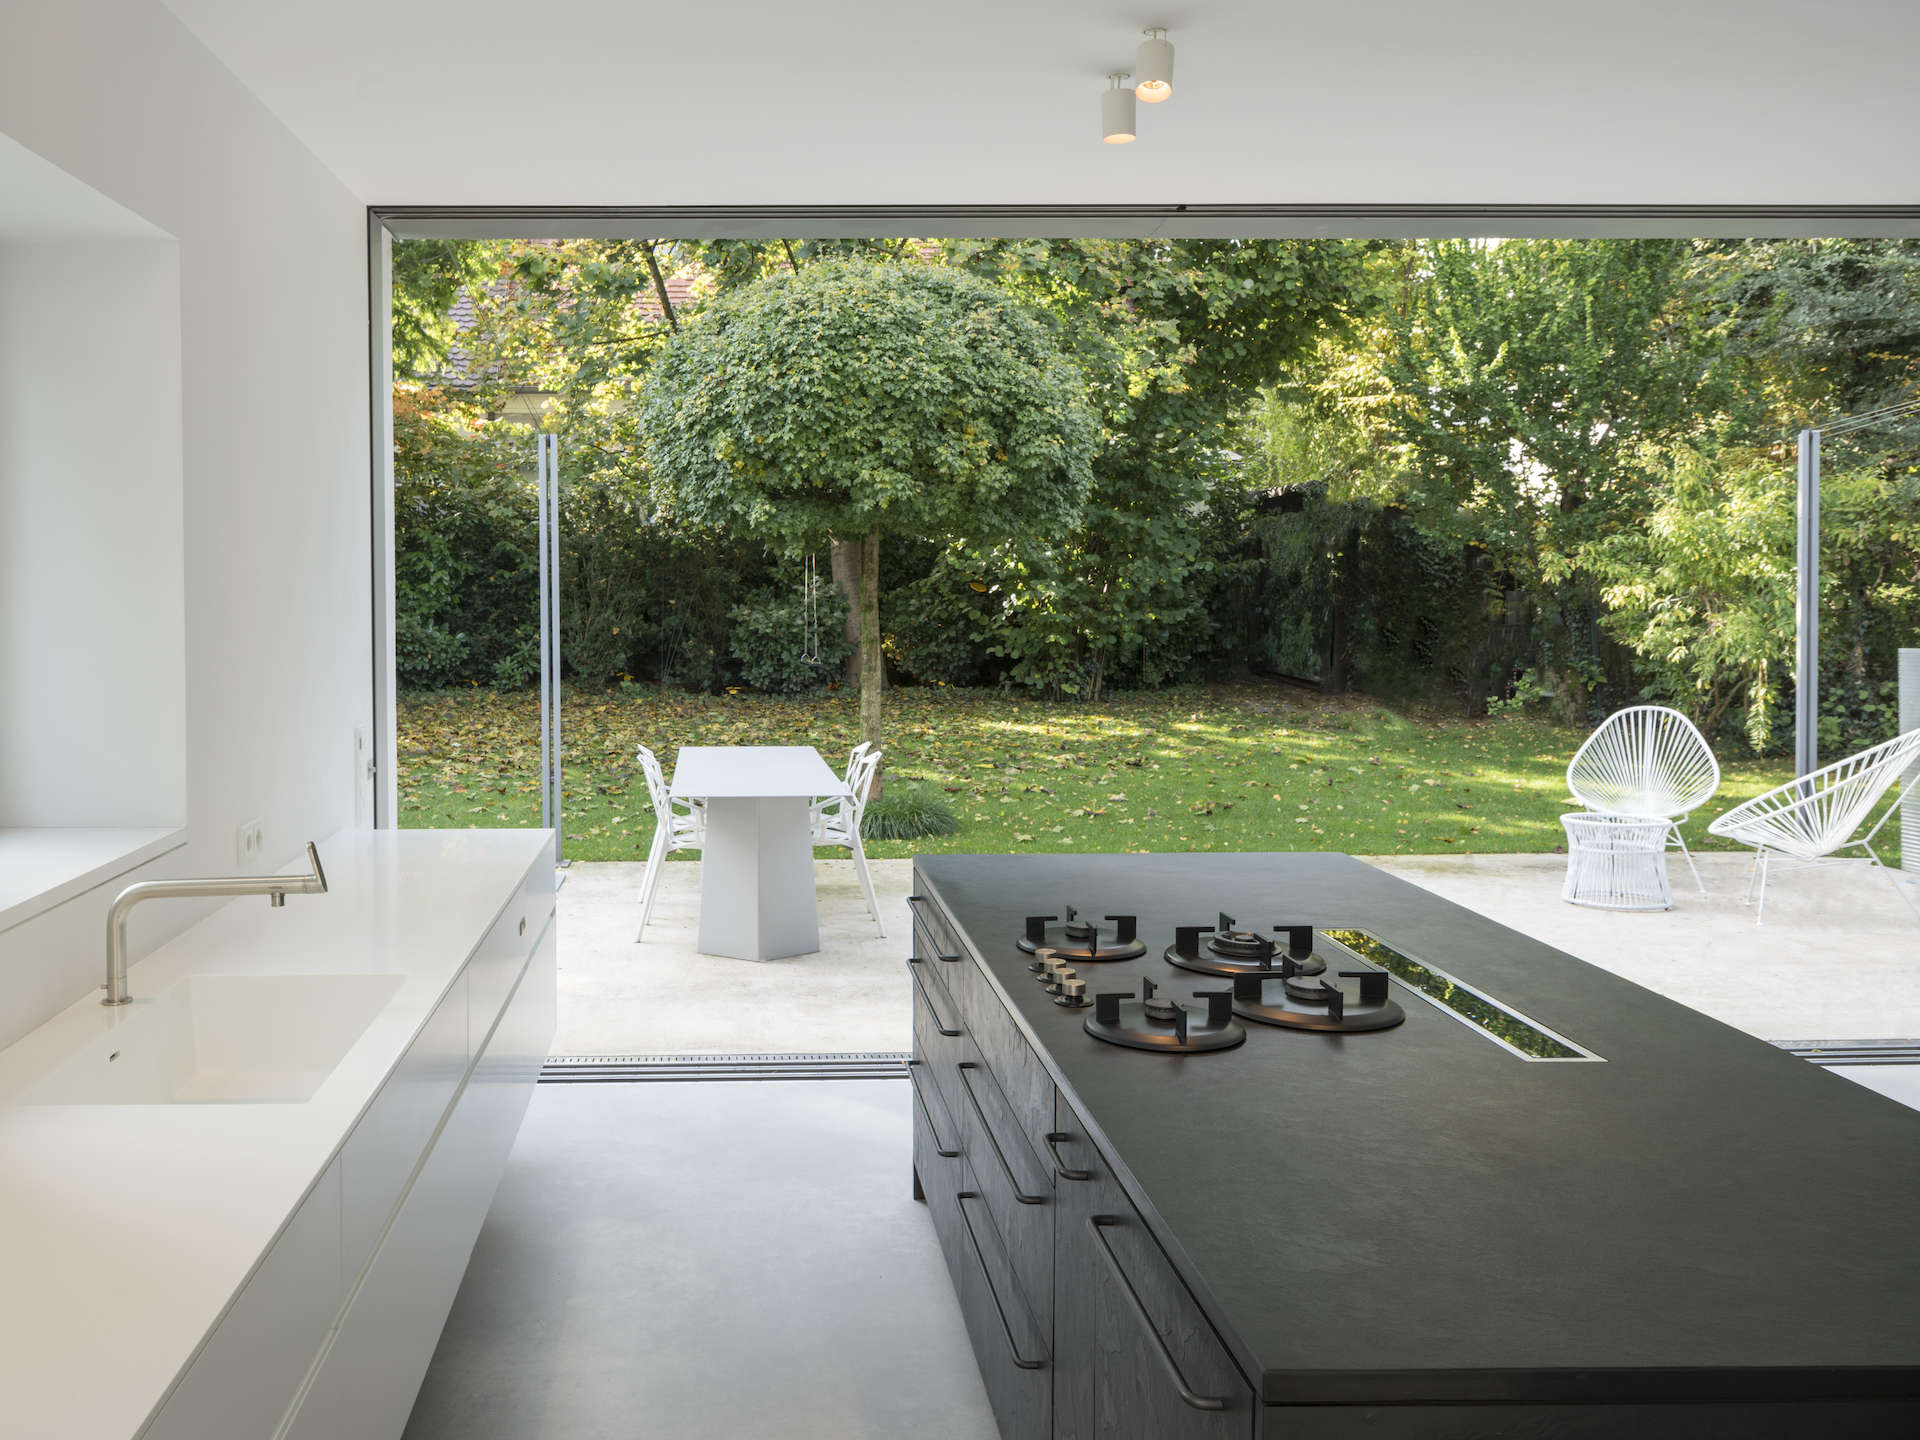 rahmenlose schiebefenster von swissfineline fenster ohne rahmen raumhohe fenster. Black Bedroom Furniture Sets. Home Design Ideas